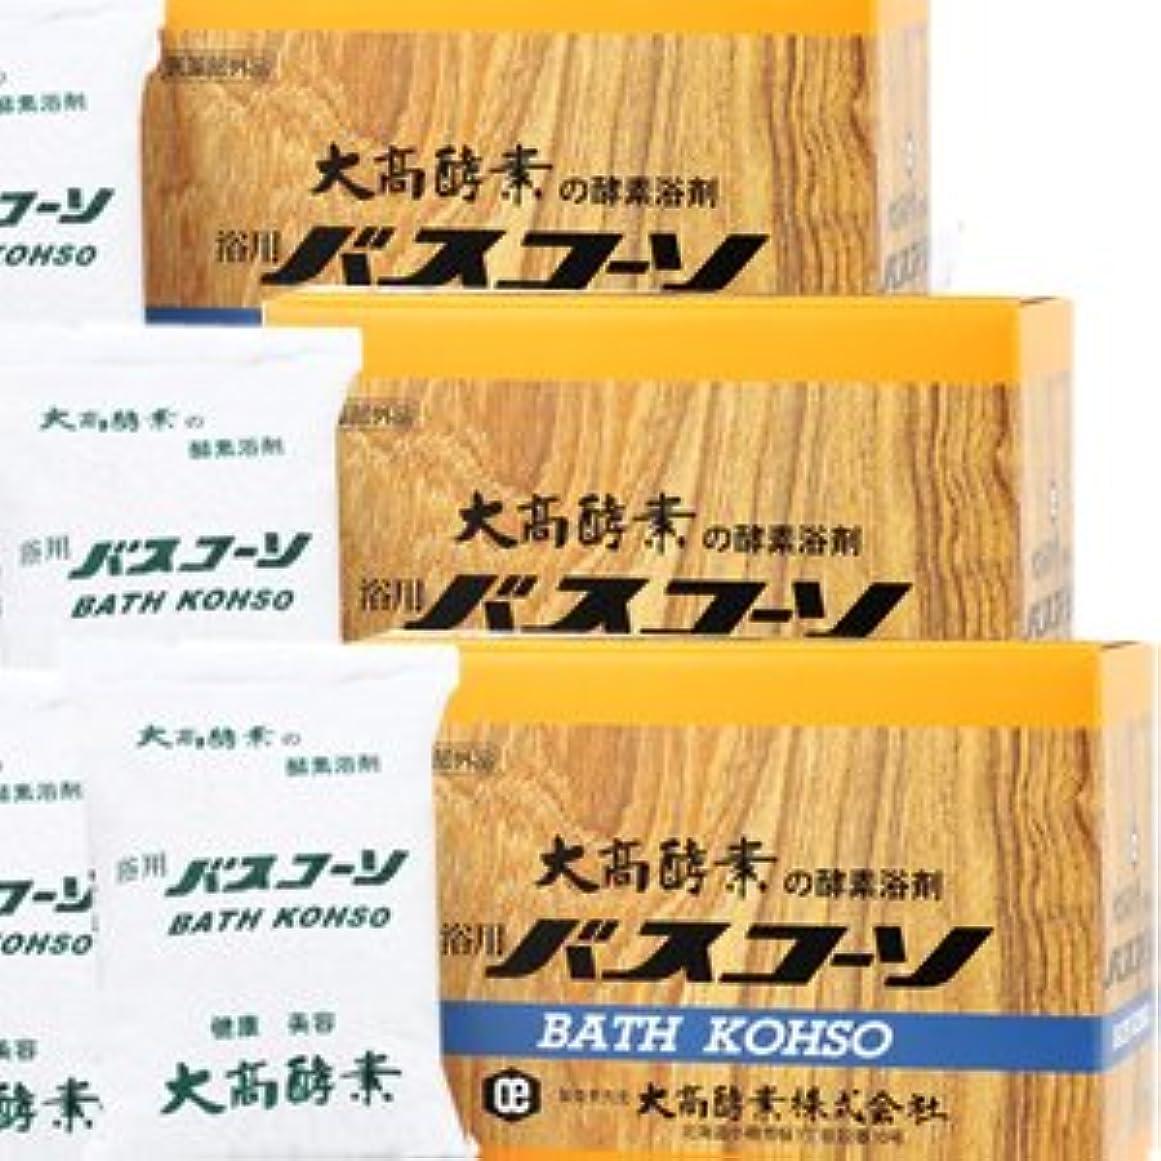 自信があるミネラル残り物【3個】 大高酵素 バスコーソ酵素入浴剤(100g×6袋)x3個 4971578001095